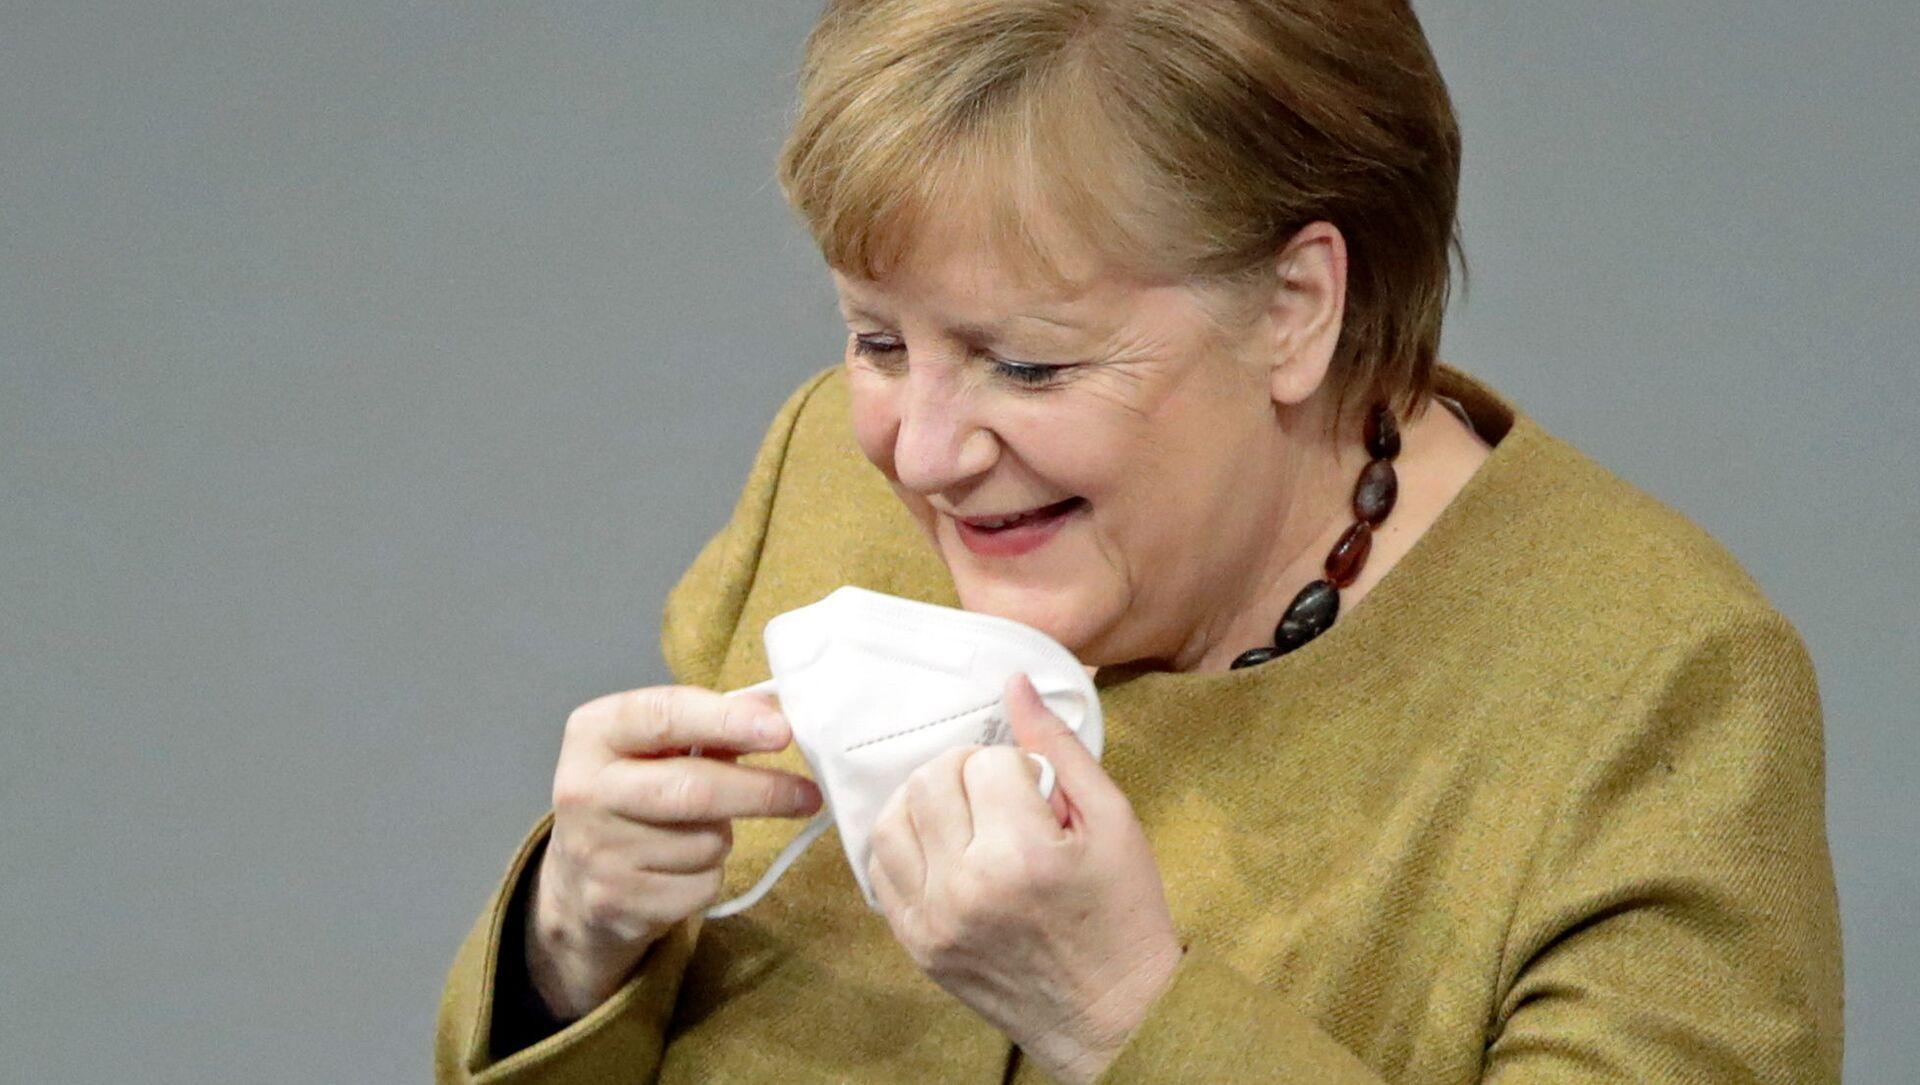 Německá kancléřka Angela Merkelová si zapomněla nasadit roušku - Sputnik Česká republika, 1920, 25.02.2021